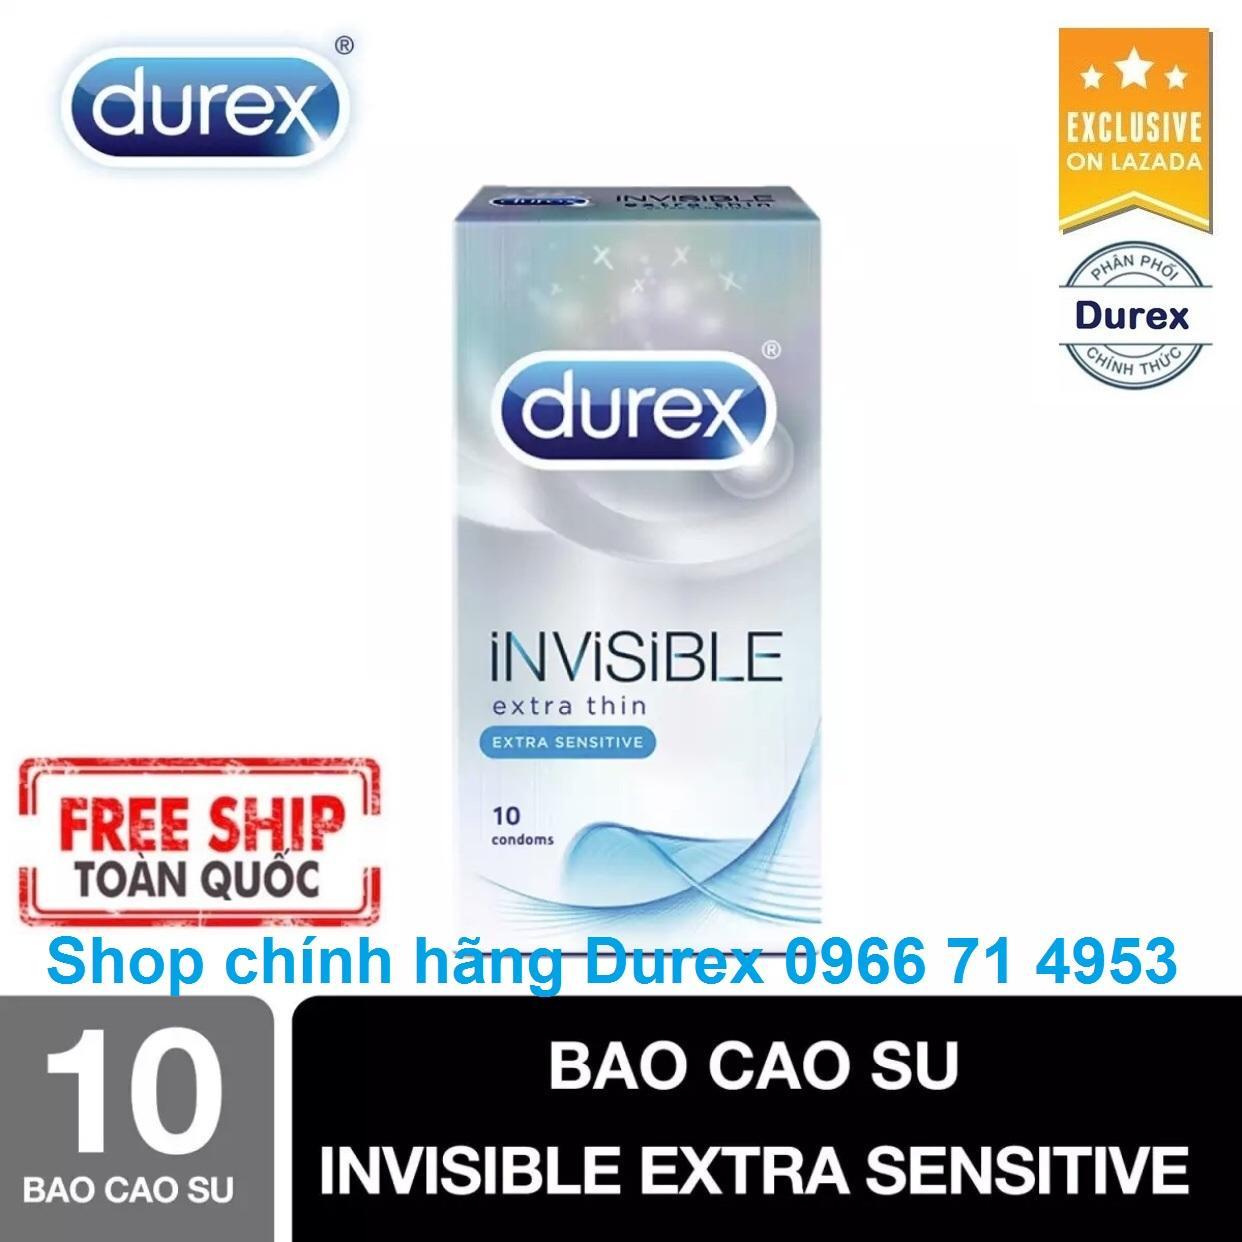 Hình ảnh [Free Ship] – Bao Cao Su Durex Invisible Extra Thin cực siêu mỏng - [Được kiểm tra hàng trước khi nhận - Giao hàng che tên sản phẩm]